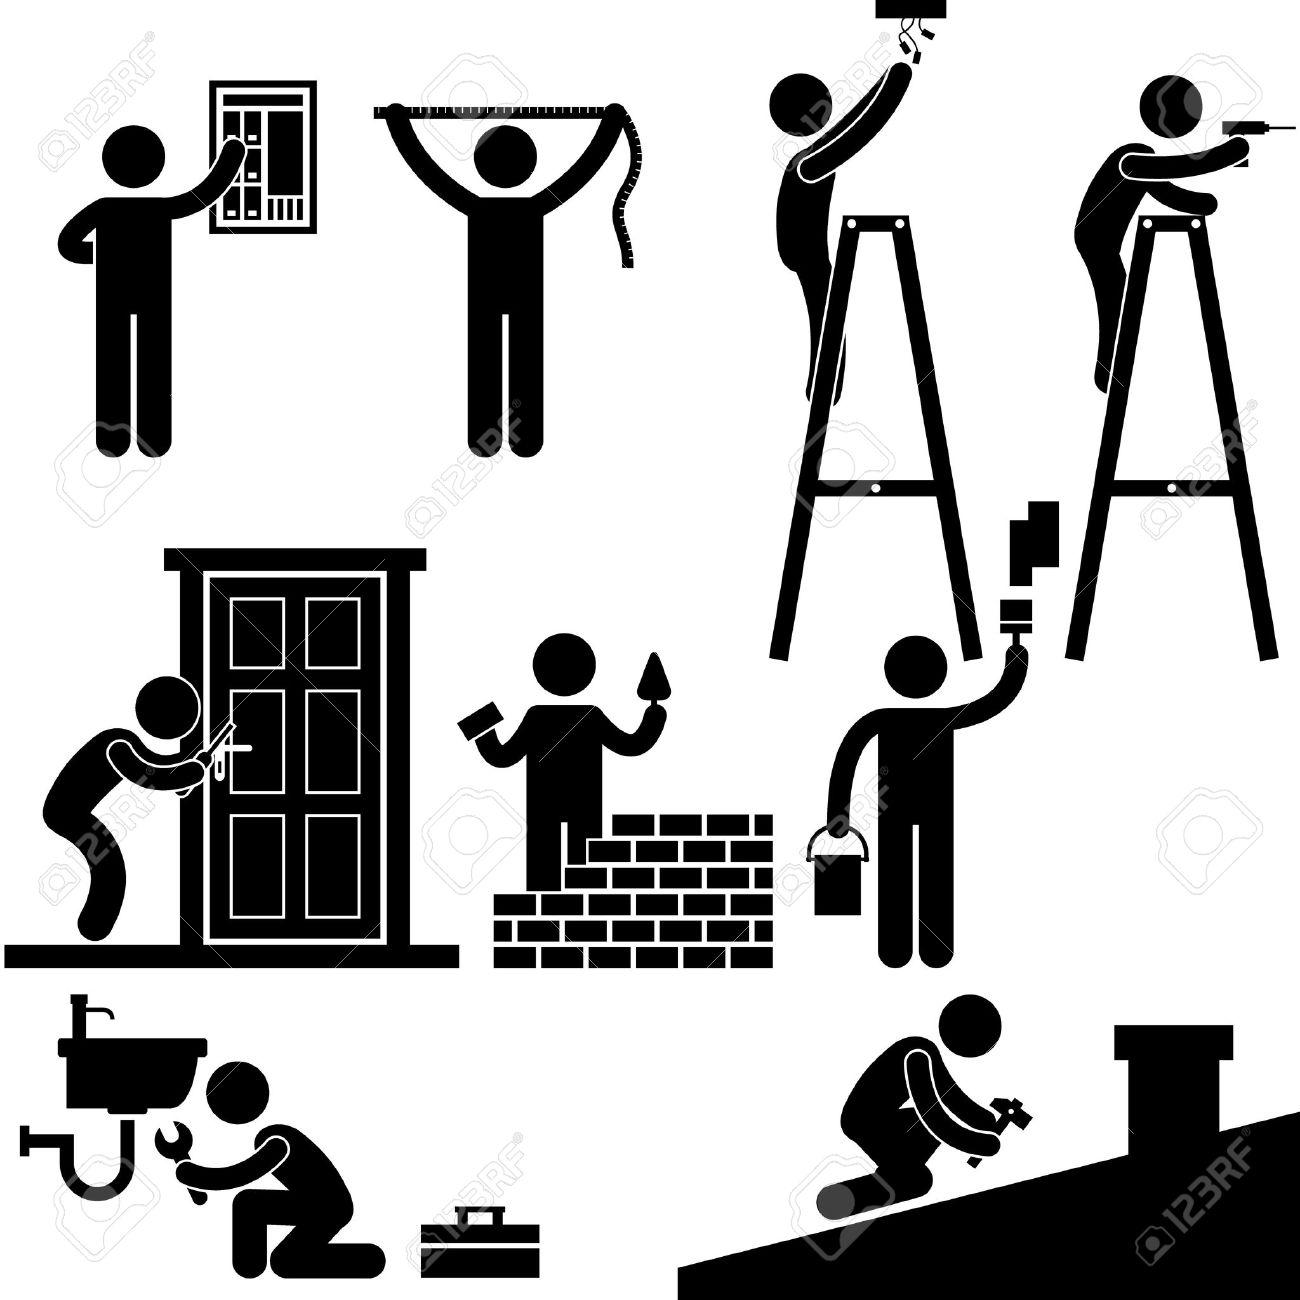 Резултат слика за home renovation electrician